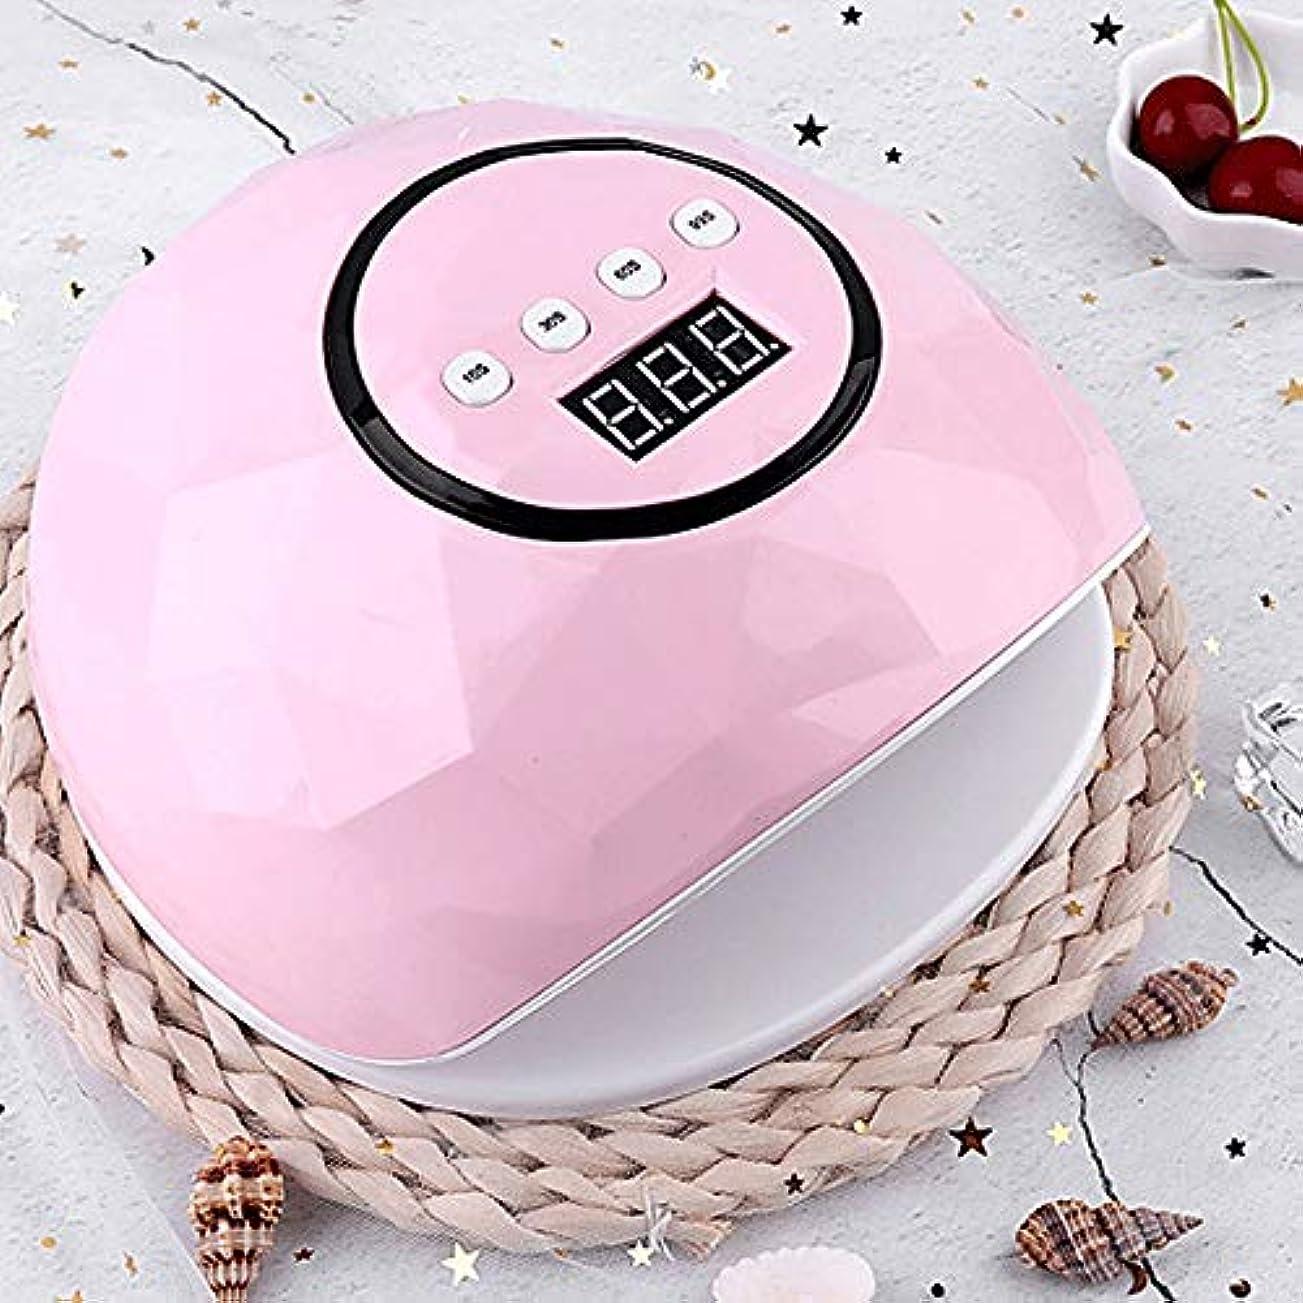 つらい率直な湿気の多いZXCVB ネイルランプ110W UV LEDネイルドライヤー、ジェルネイルランプを4タイマー設定、自動センサー、液晶ディスプレイ、メモリ、および爪&足の爪、ピンクのタイマー機能を一時停止、白 (Color : Pink)